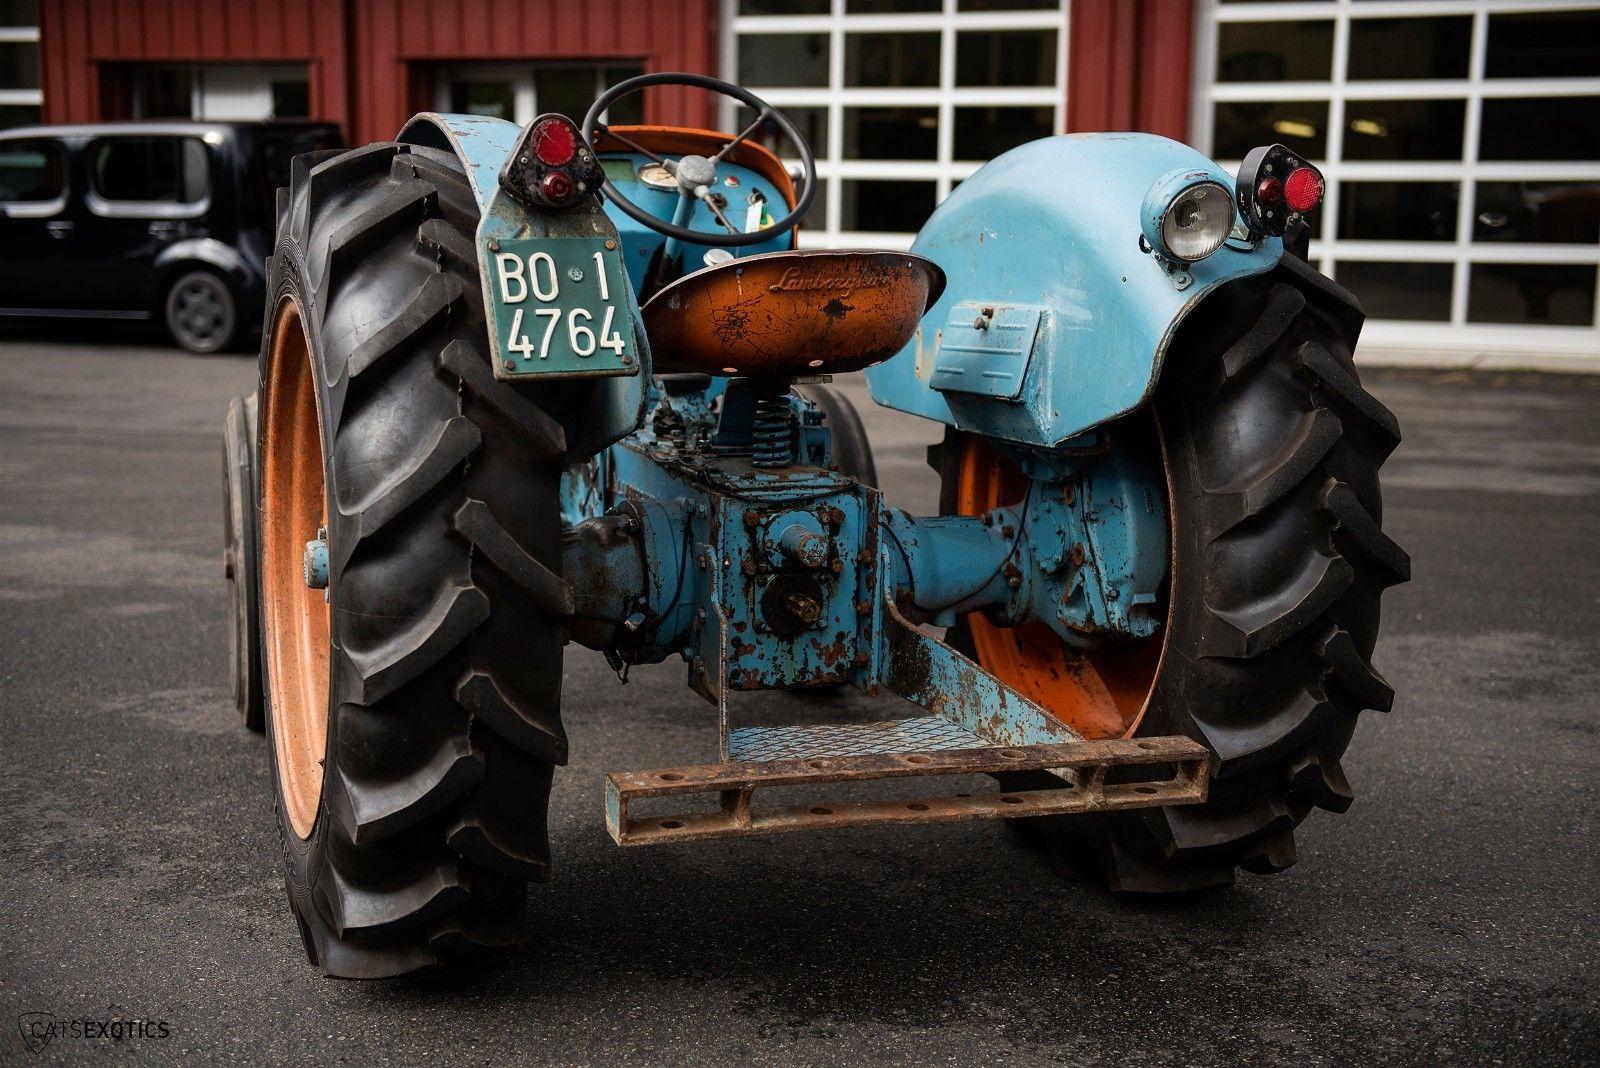 Lamborghini 2R tractor 1964 barnfind for sale (8)